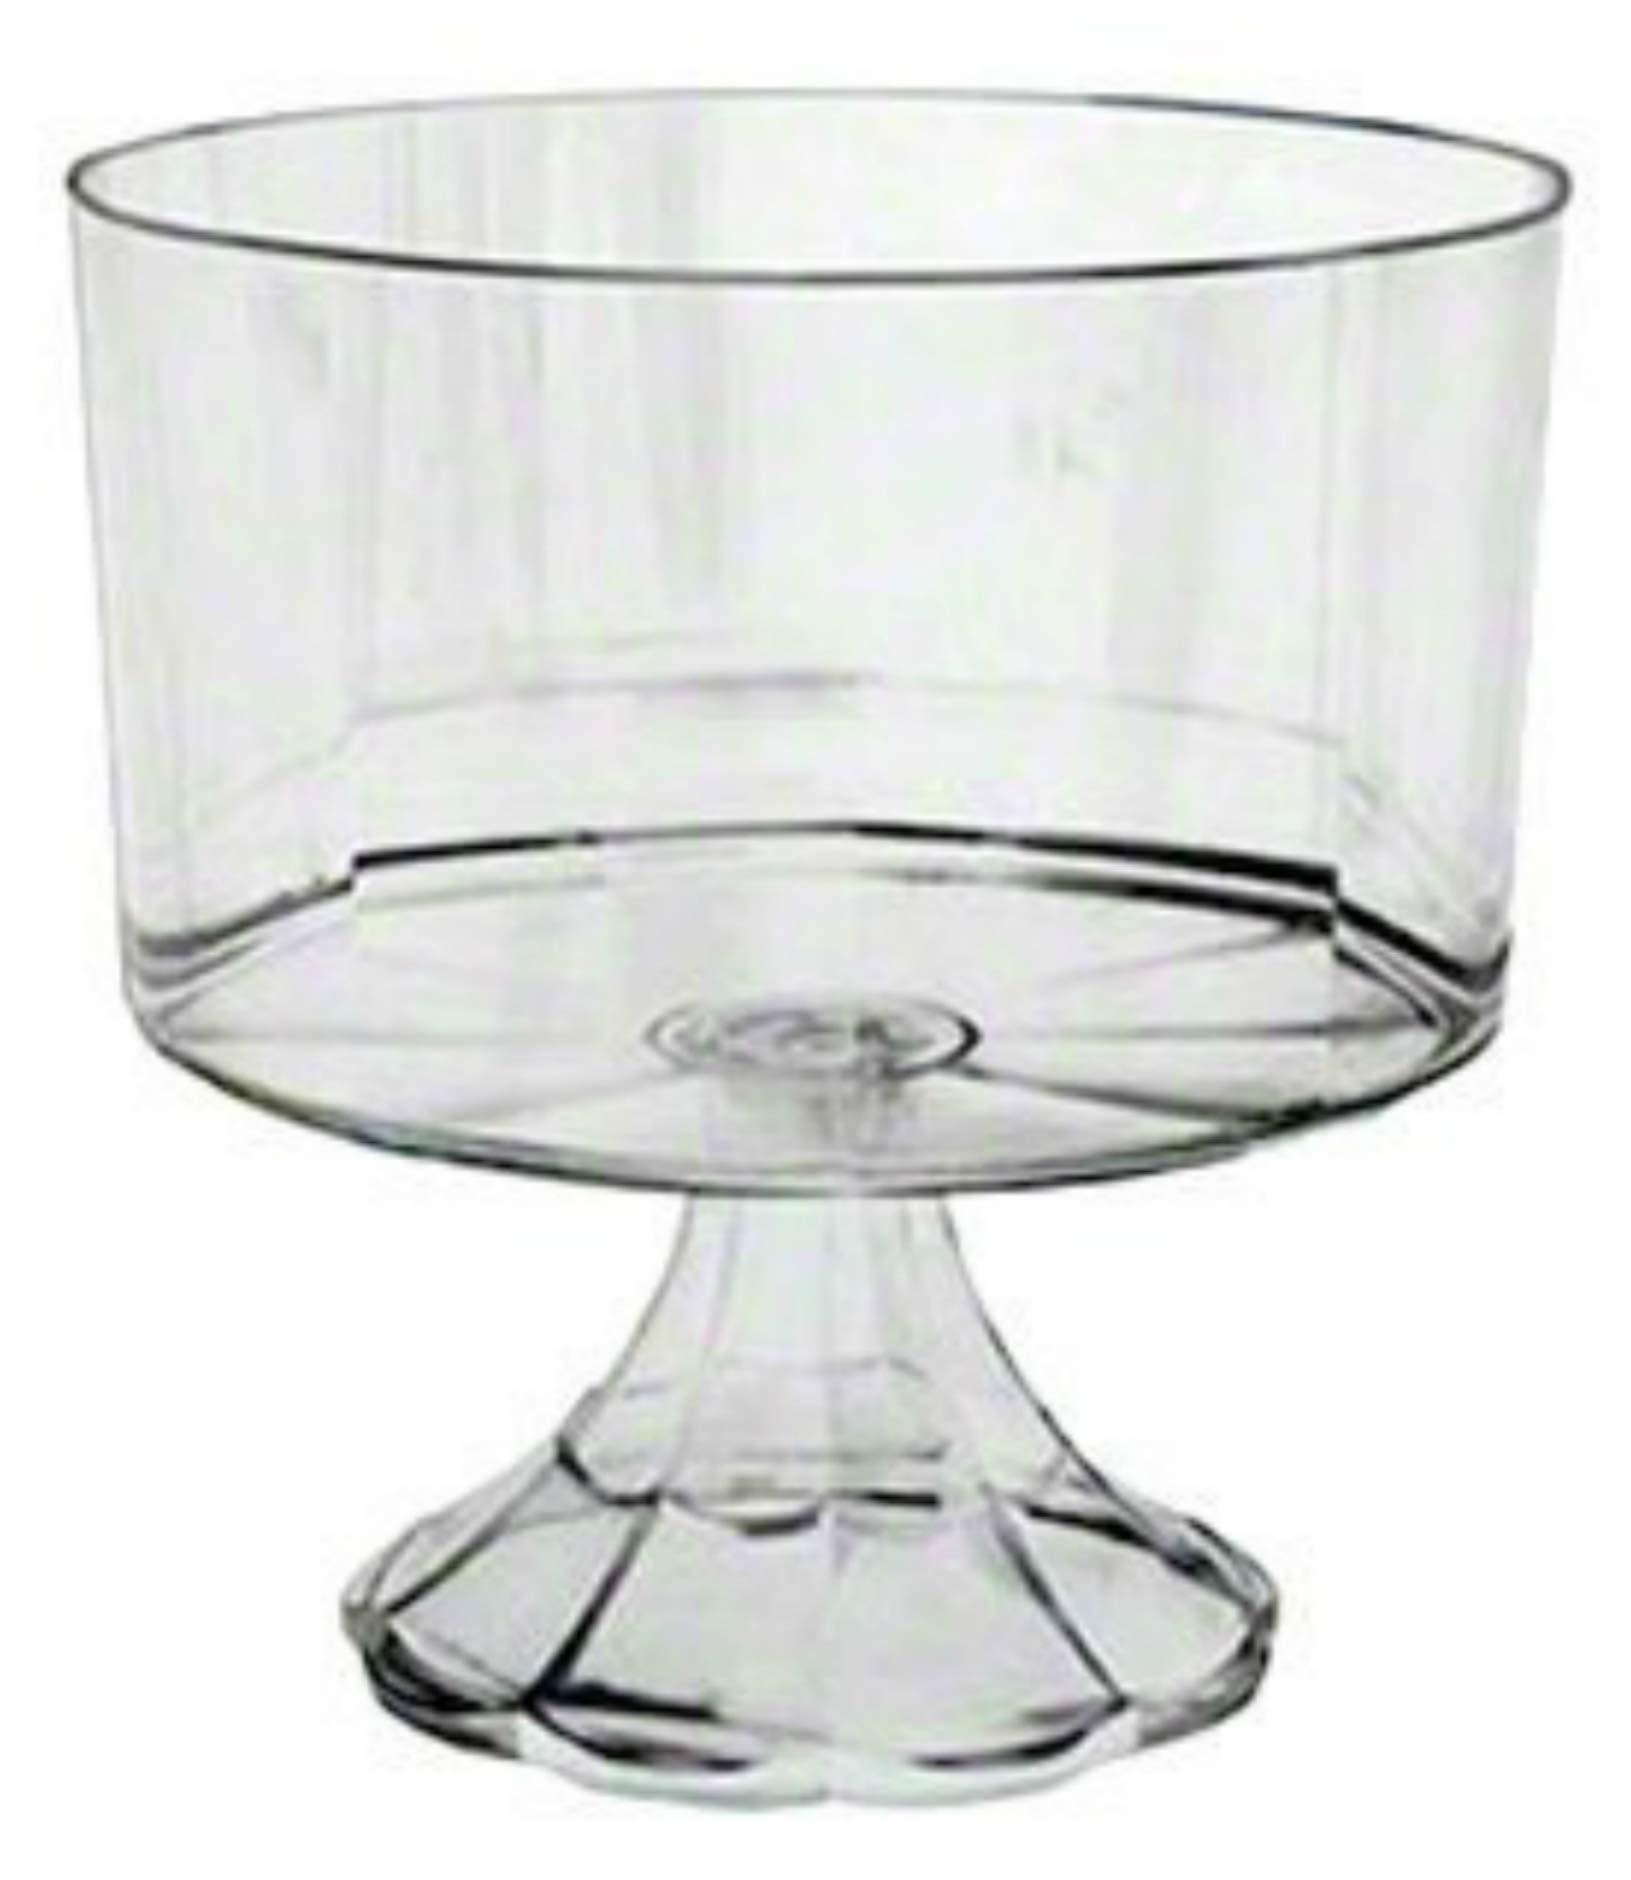 Clear Plastic Elegant Pedestal Trifle Bowl 120 Oz by ESSENTIALS